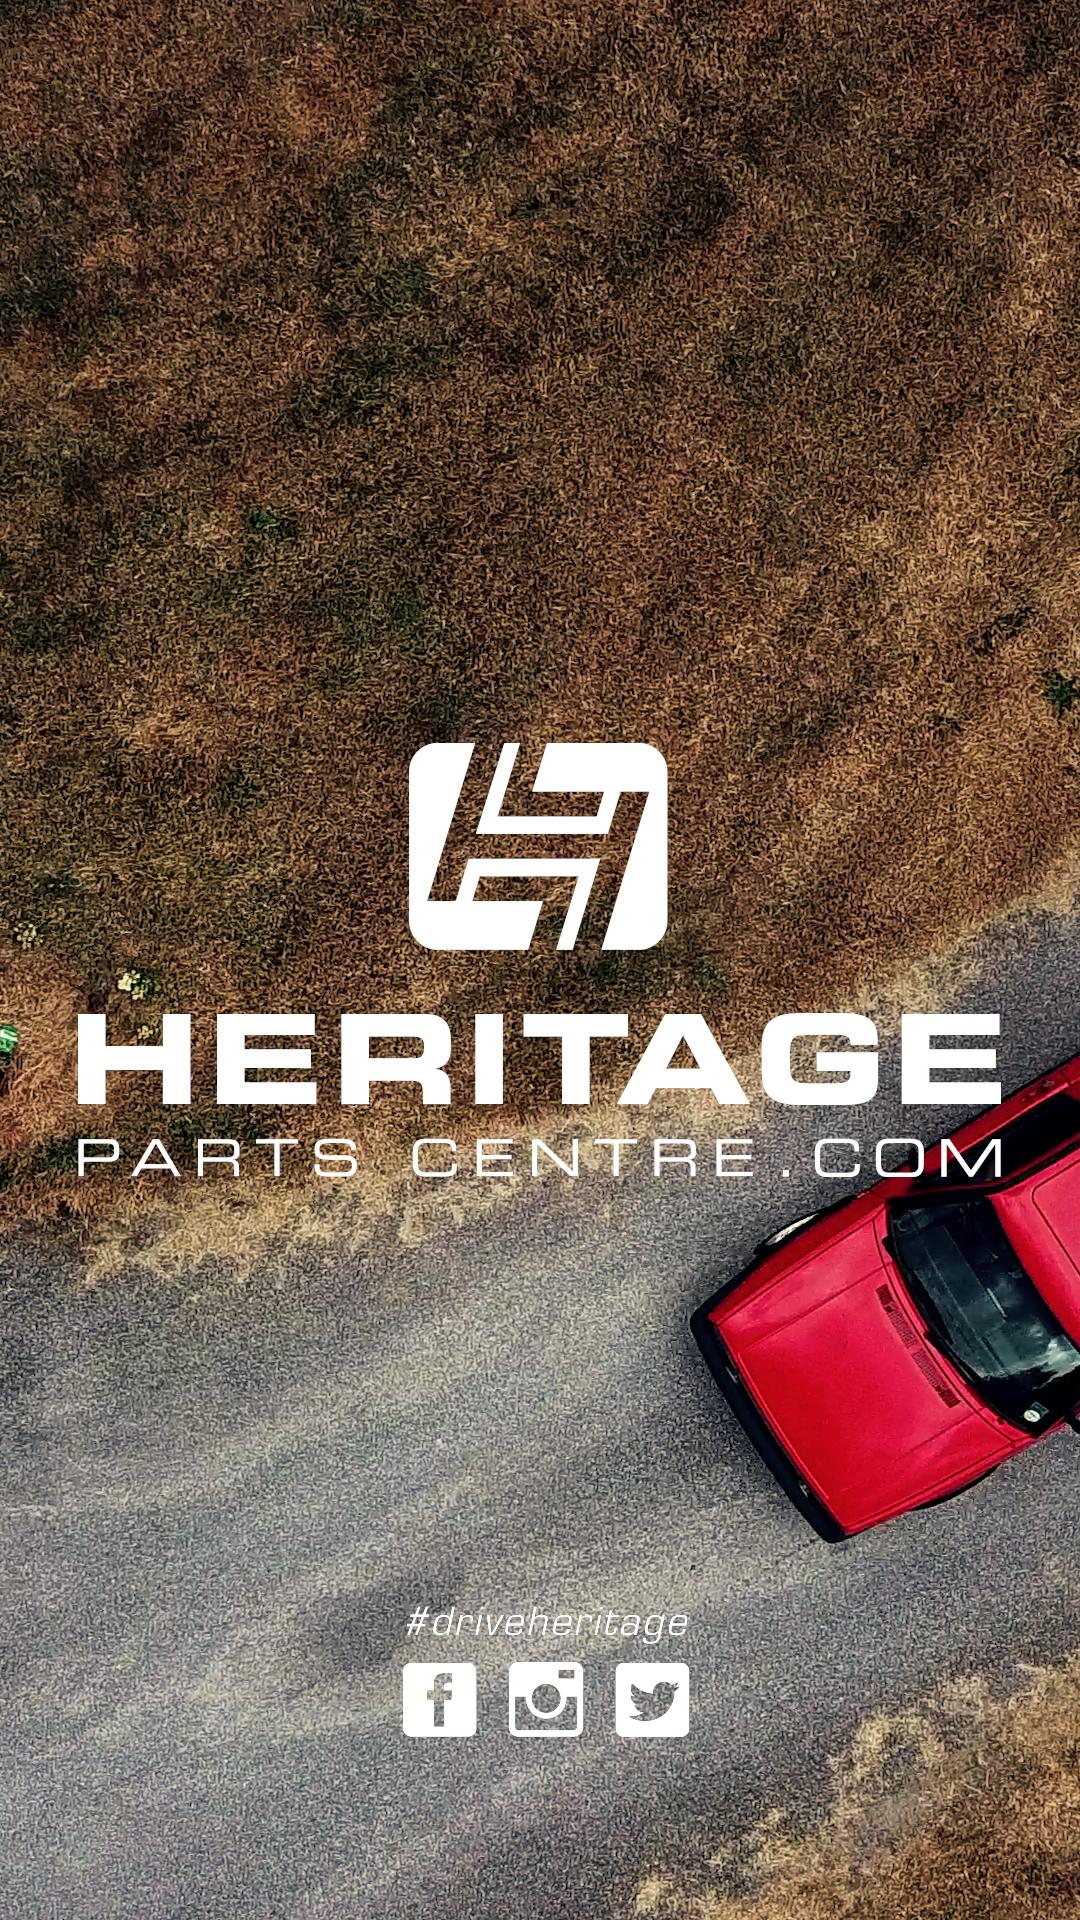 Heritage_Supercar_Social Pull Down - Story_001.00_00_01_14.Still017.jpg